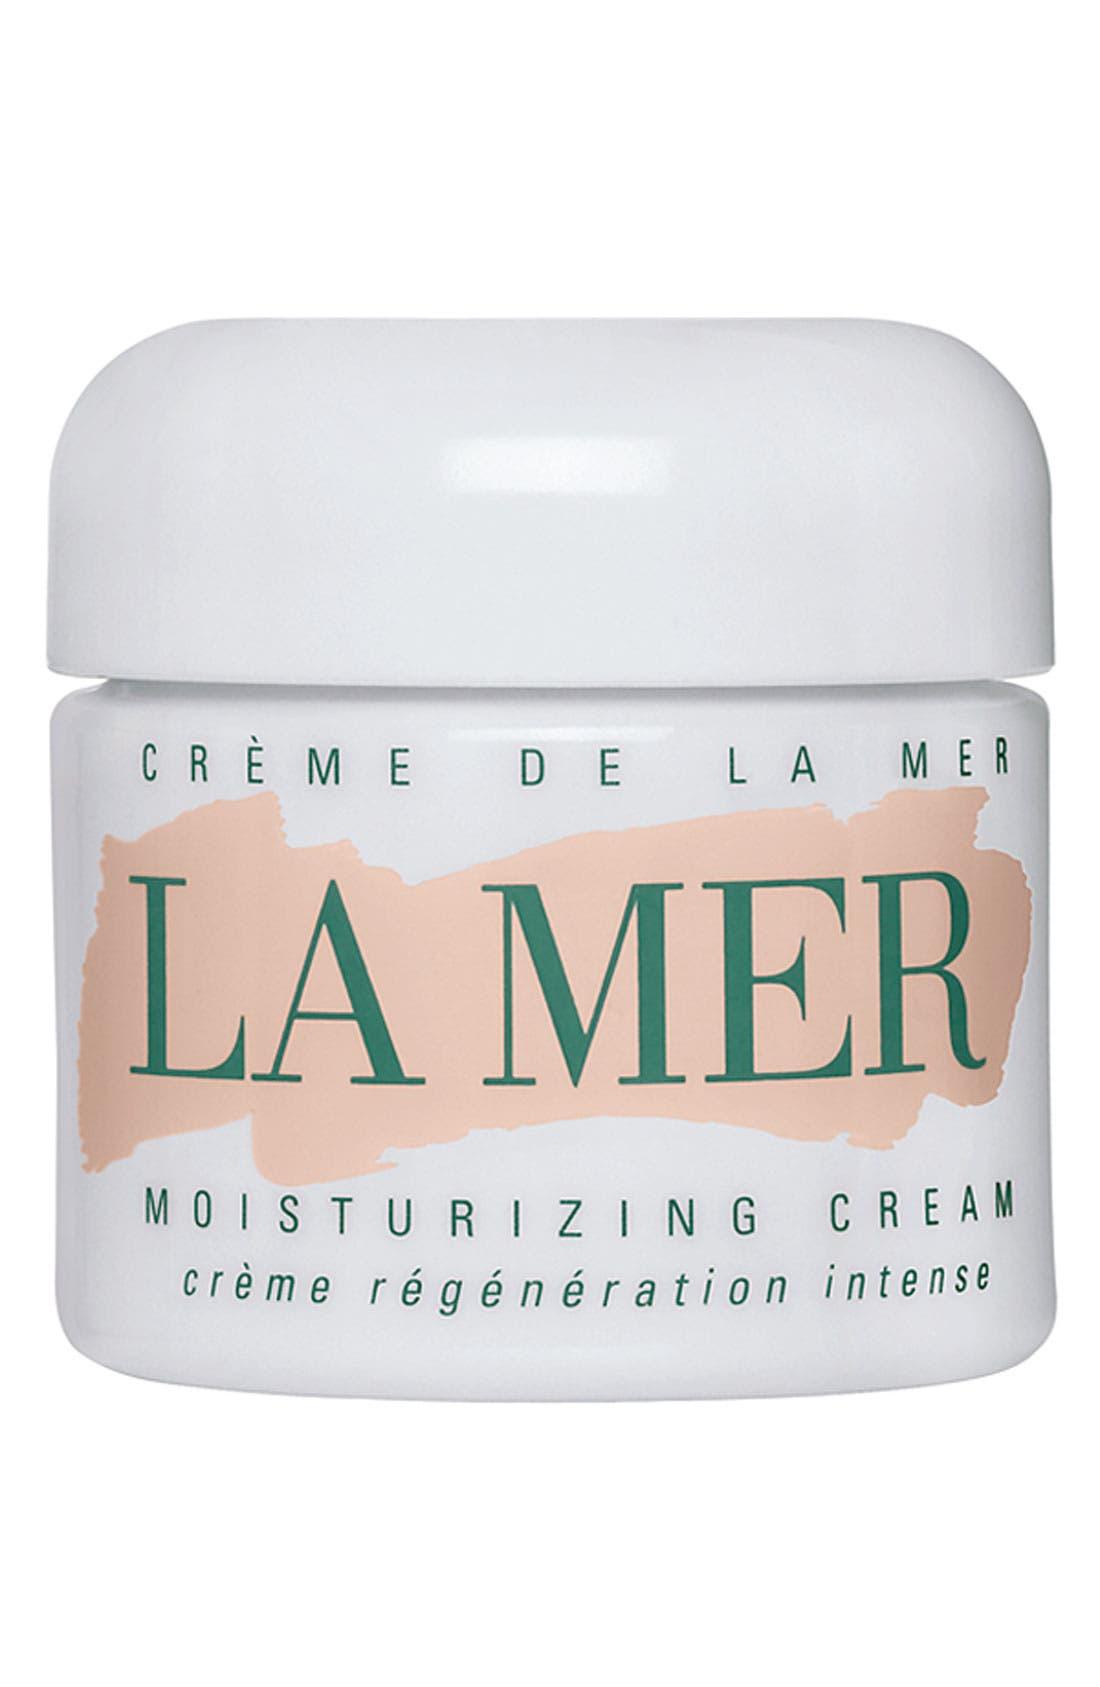 La Mer Crème de la Mer Moisturizing Cream